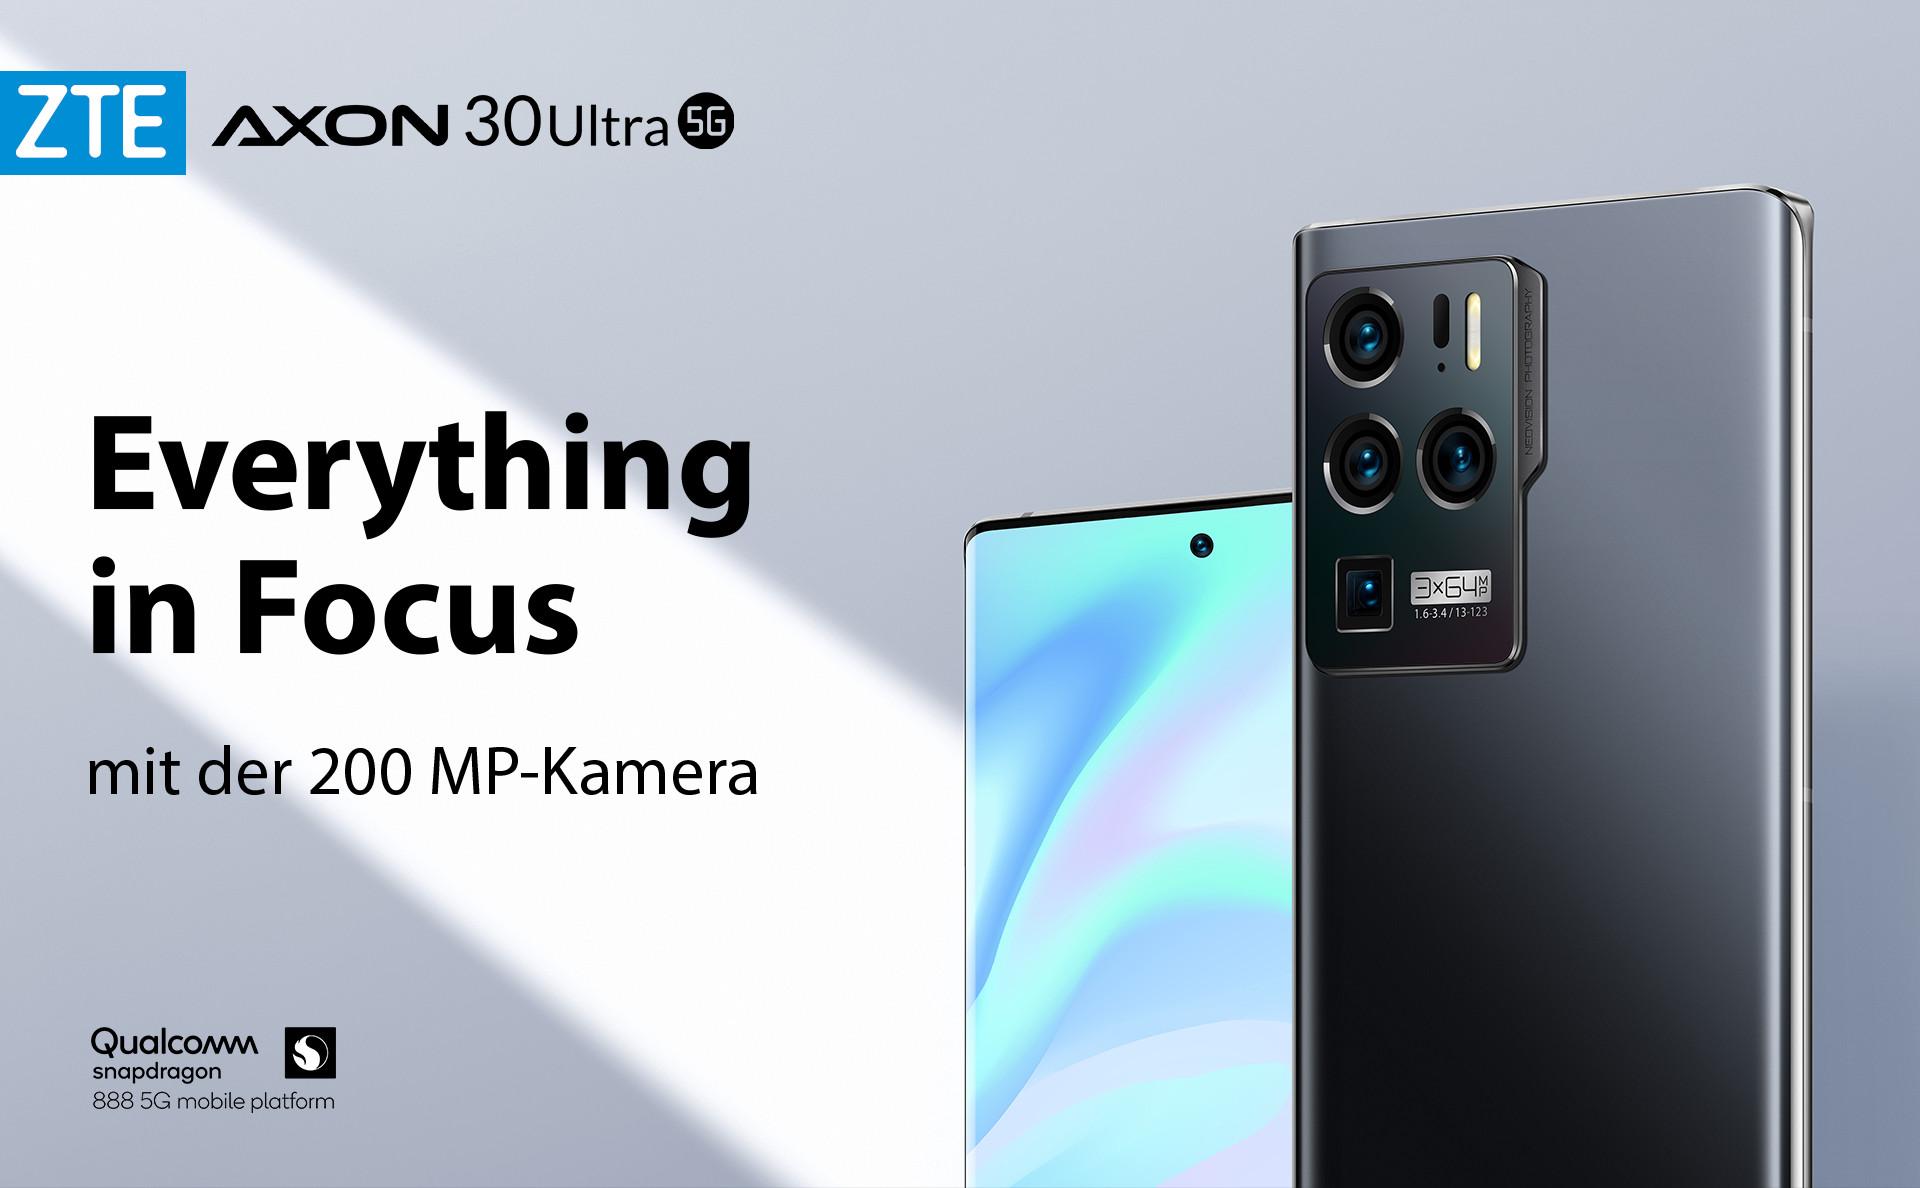 Das ZTE Axon 30 Ultra - Everything in Focus mit der 200 MP Kamera und Qualcomm Snapdragon 888 Prozessor